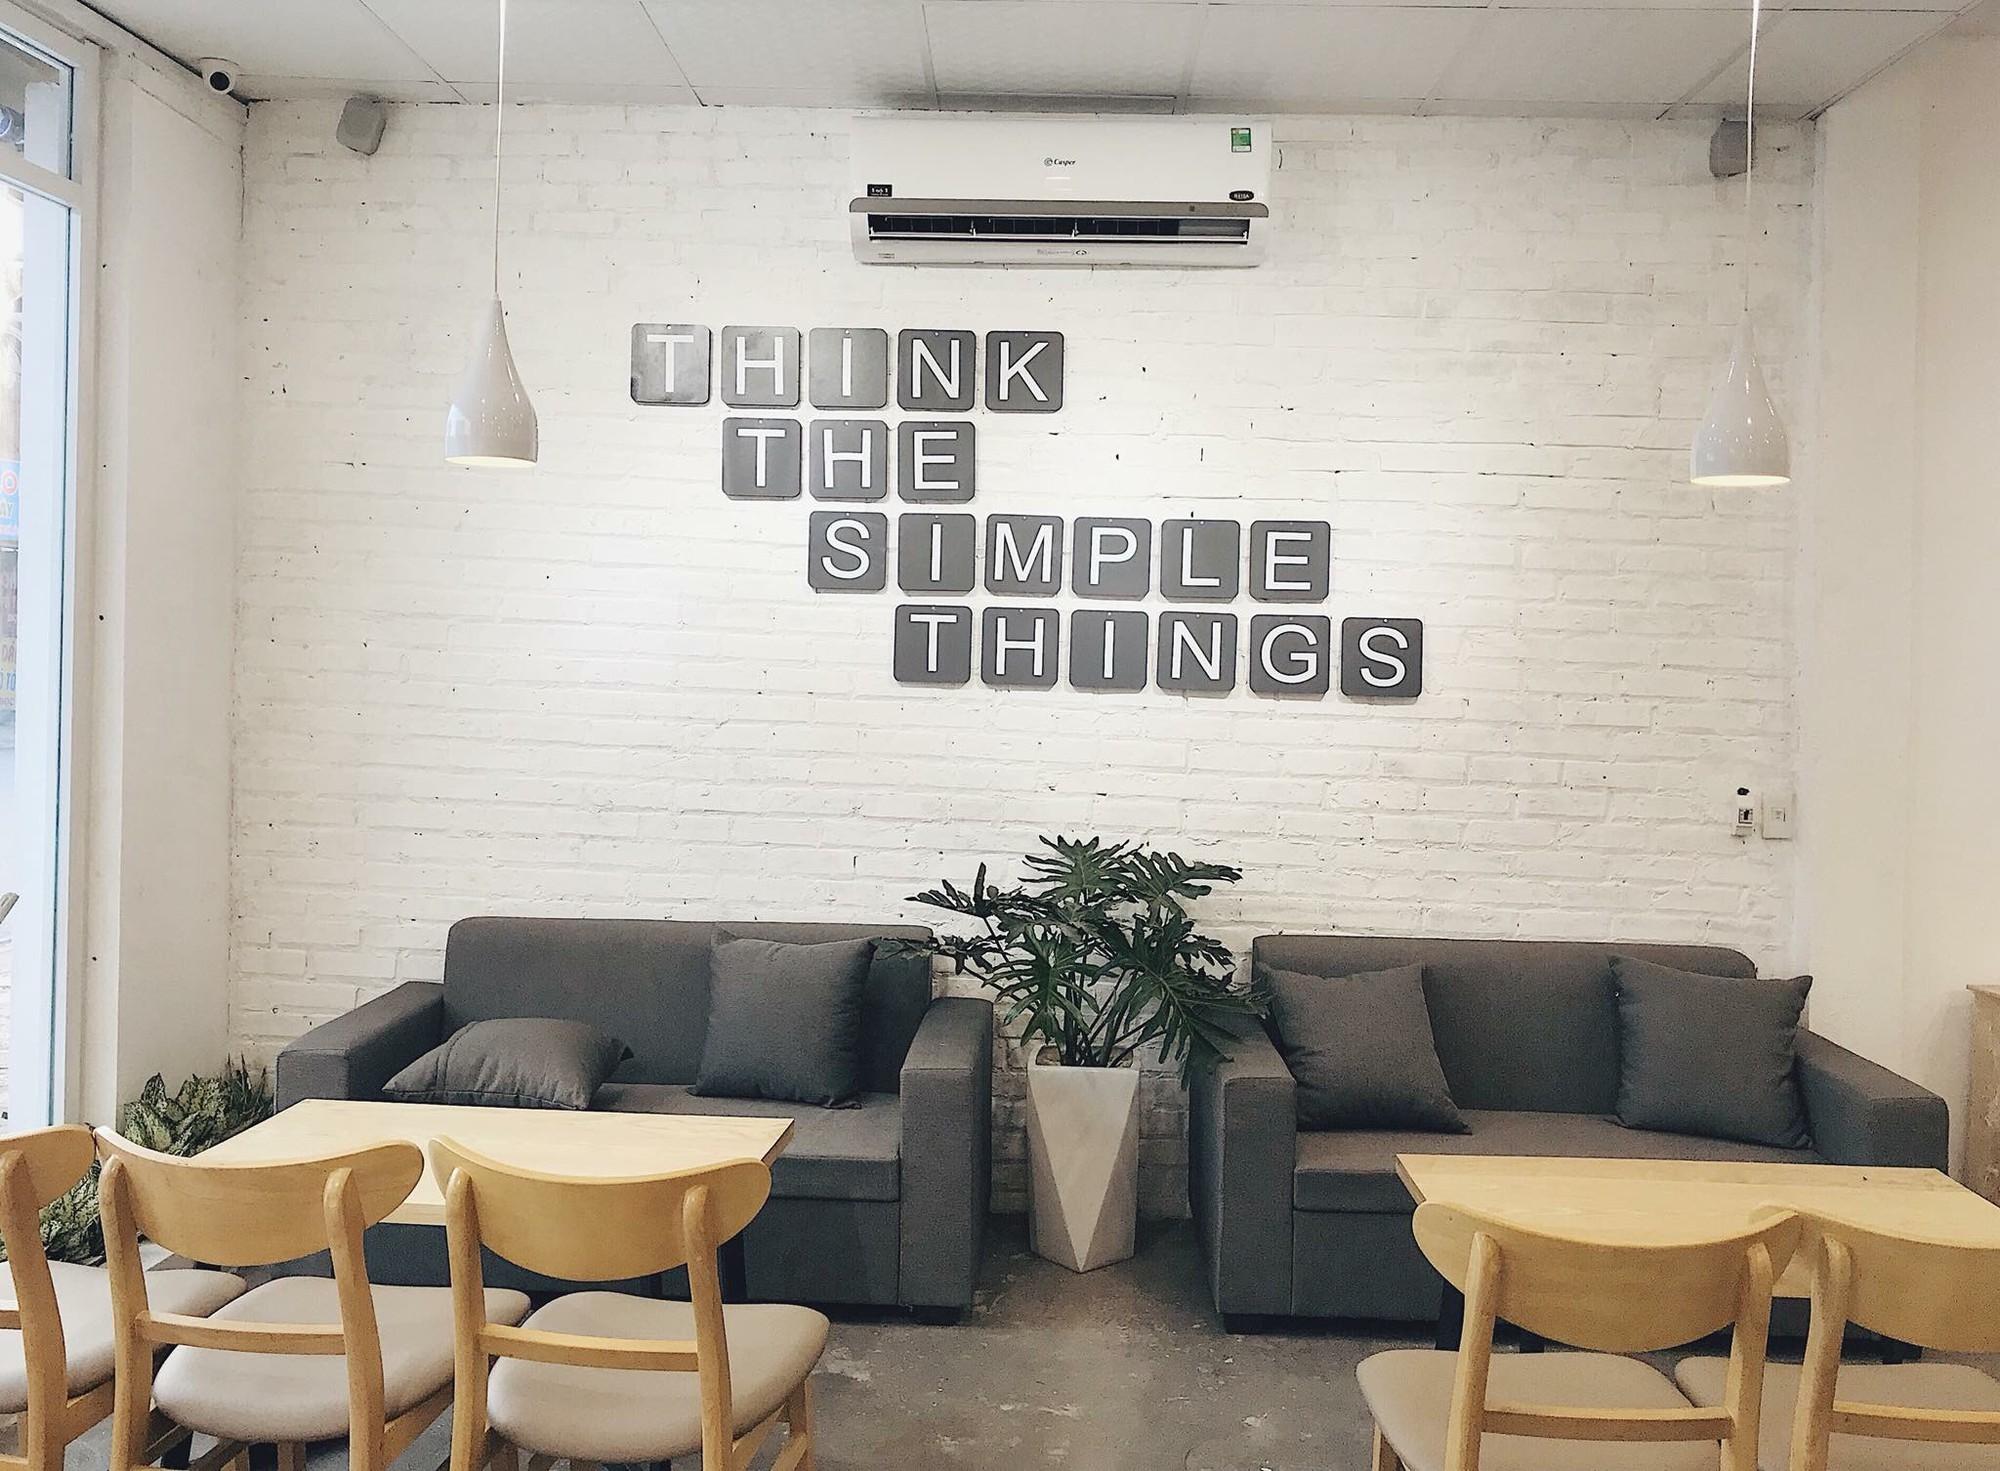 Điểm mặt thương hiệu trà sữa The Simple - đặc sản trong cộng đồng giới trẻ Hải Dương - Ảnh 8.